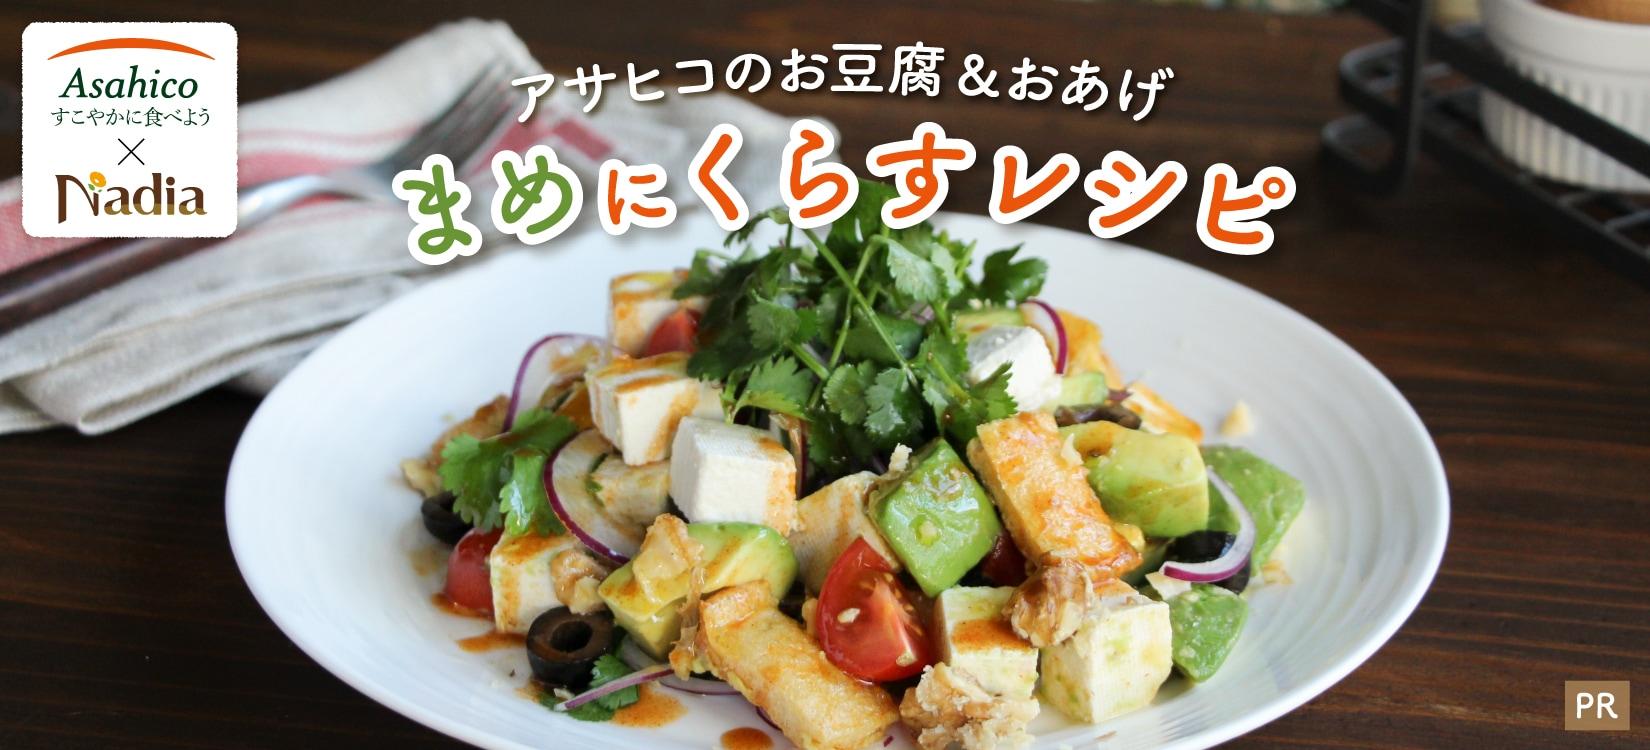 アサヒコのお豆腐&おあげ まめにくらすレシピ